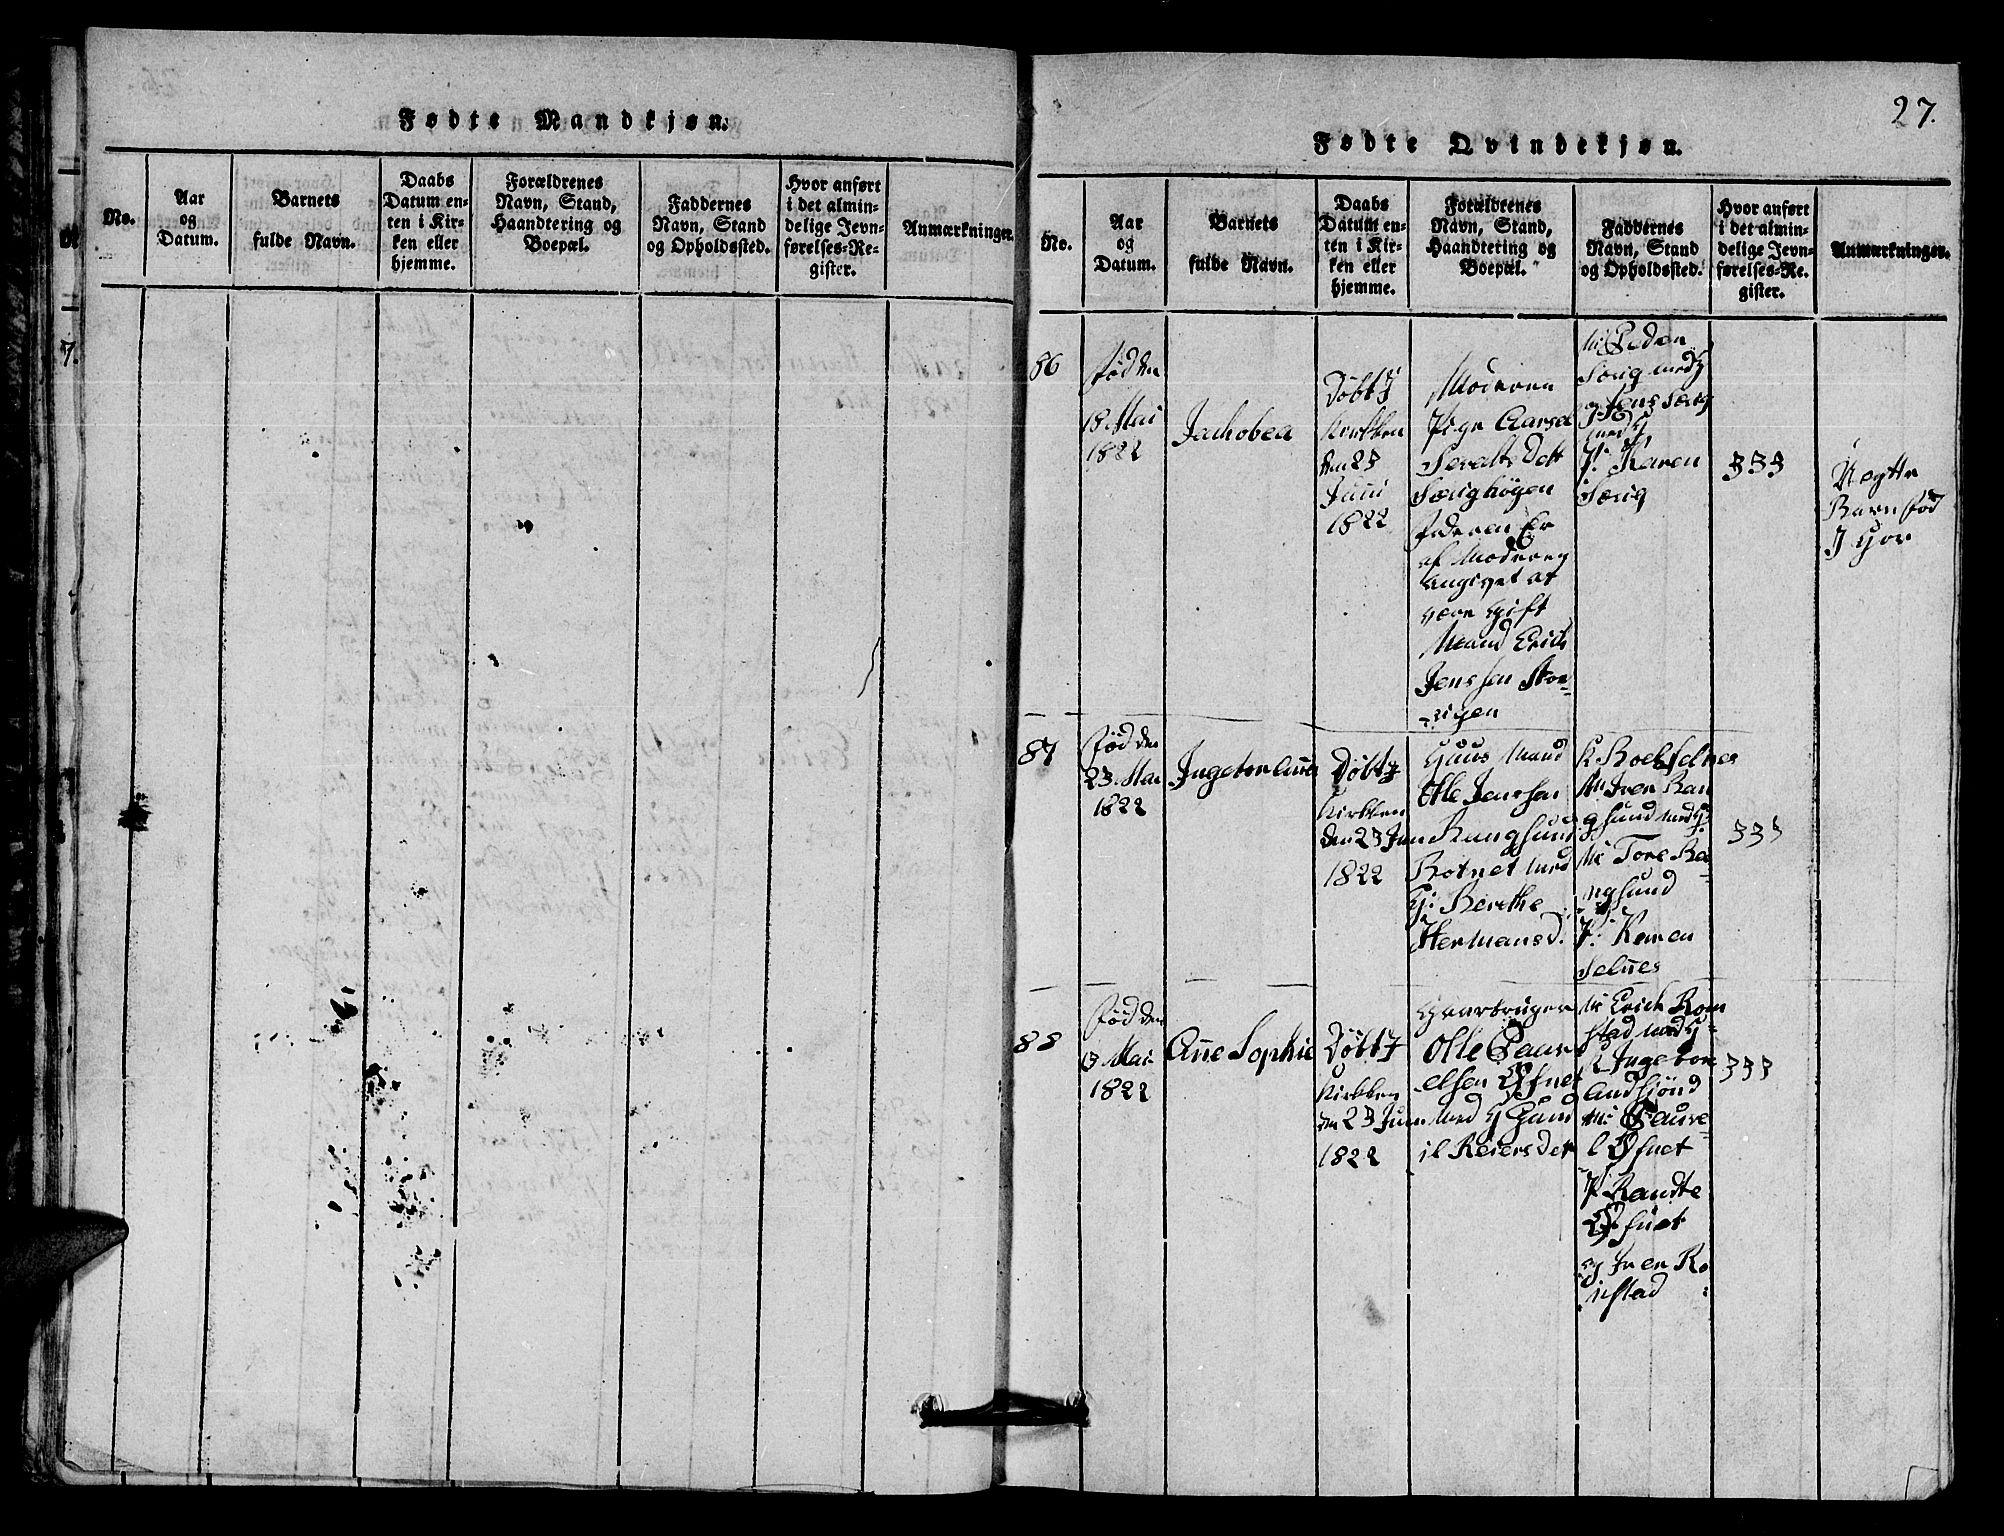 SAT, Ministerialprotokoller, klokkerbøker og fødselsregistre - Nord-Trøndelag, 770/L0590: Klokkerbok nr. 770C01, 1815-1824, s. 27